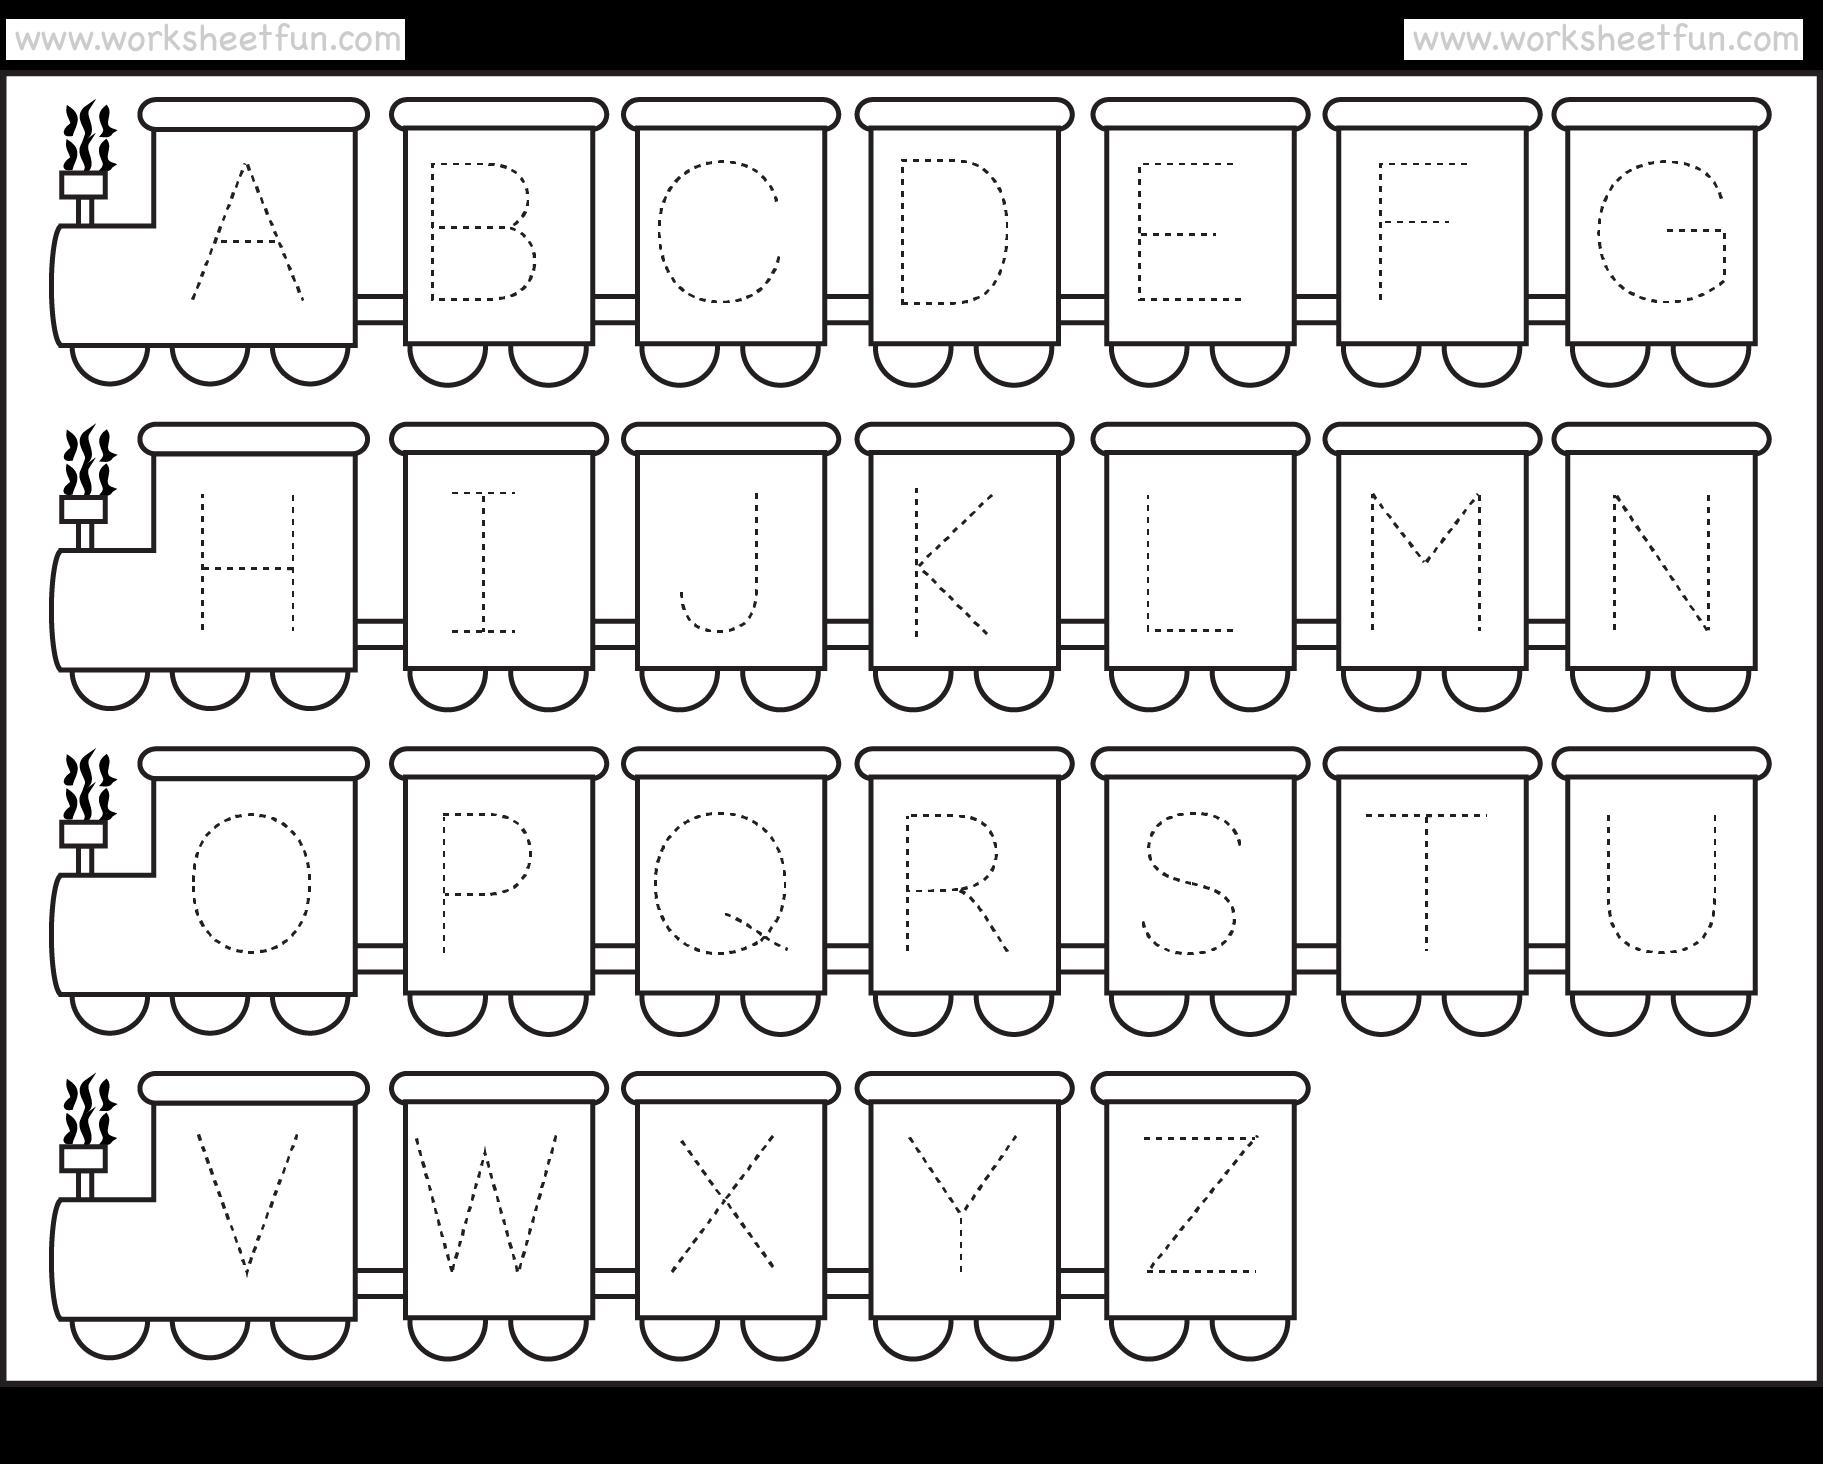 Printable Kindergarten Worksheets Alphabet - Scalien